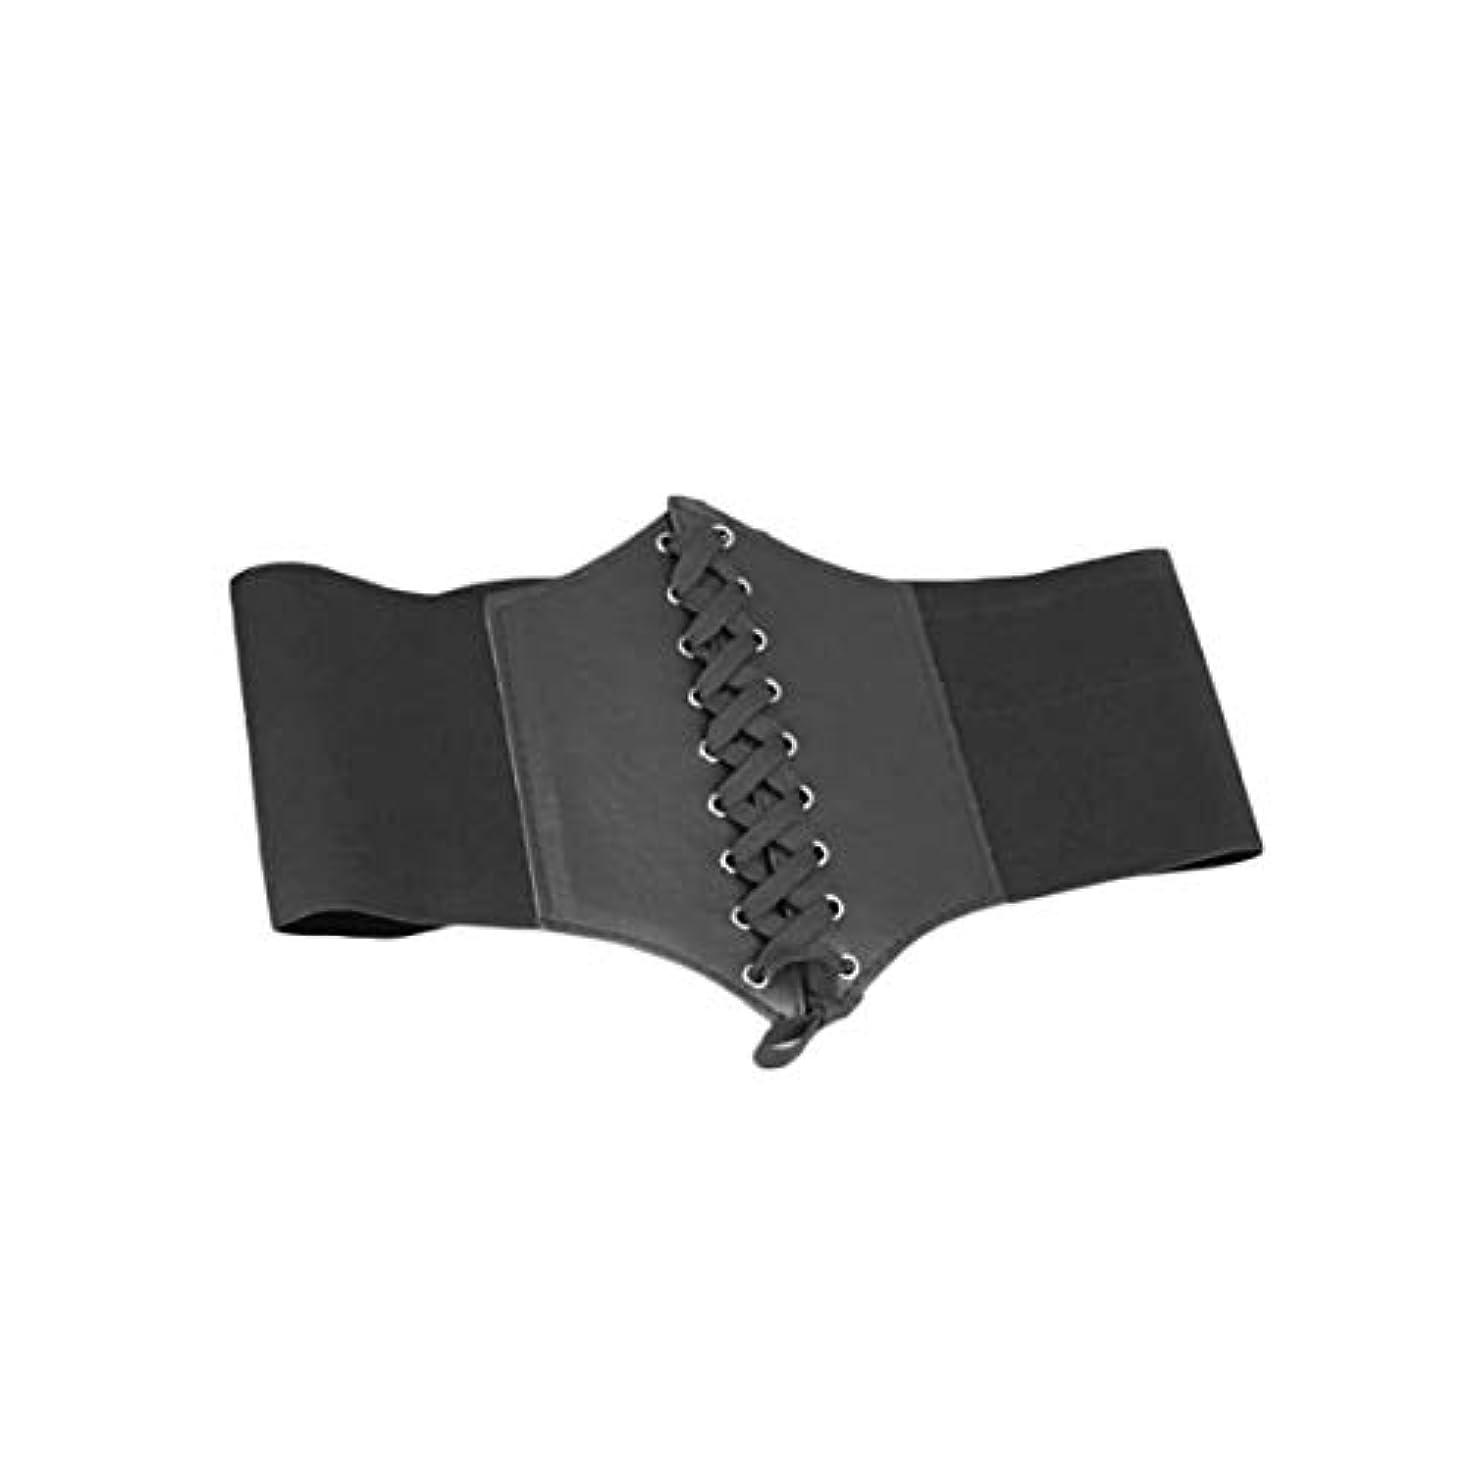 武器パークアルカトラズ島女性ヴィンテージソリッドベルトウエストニッパーレースアップコルセット包帯ハイストレッチ調節可能なネクタイワイドウエストバンド用女性 - 黒